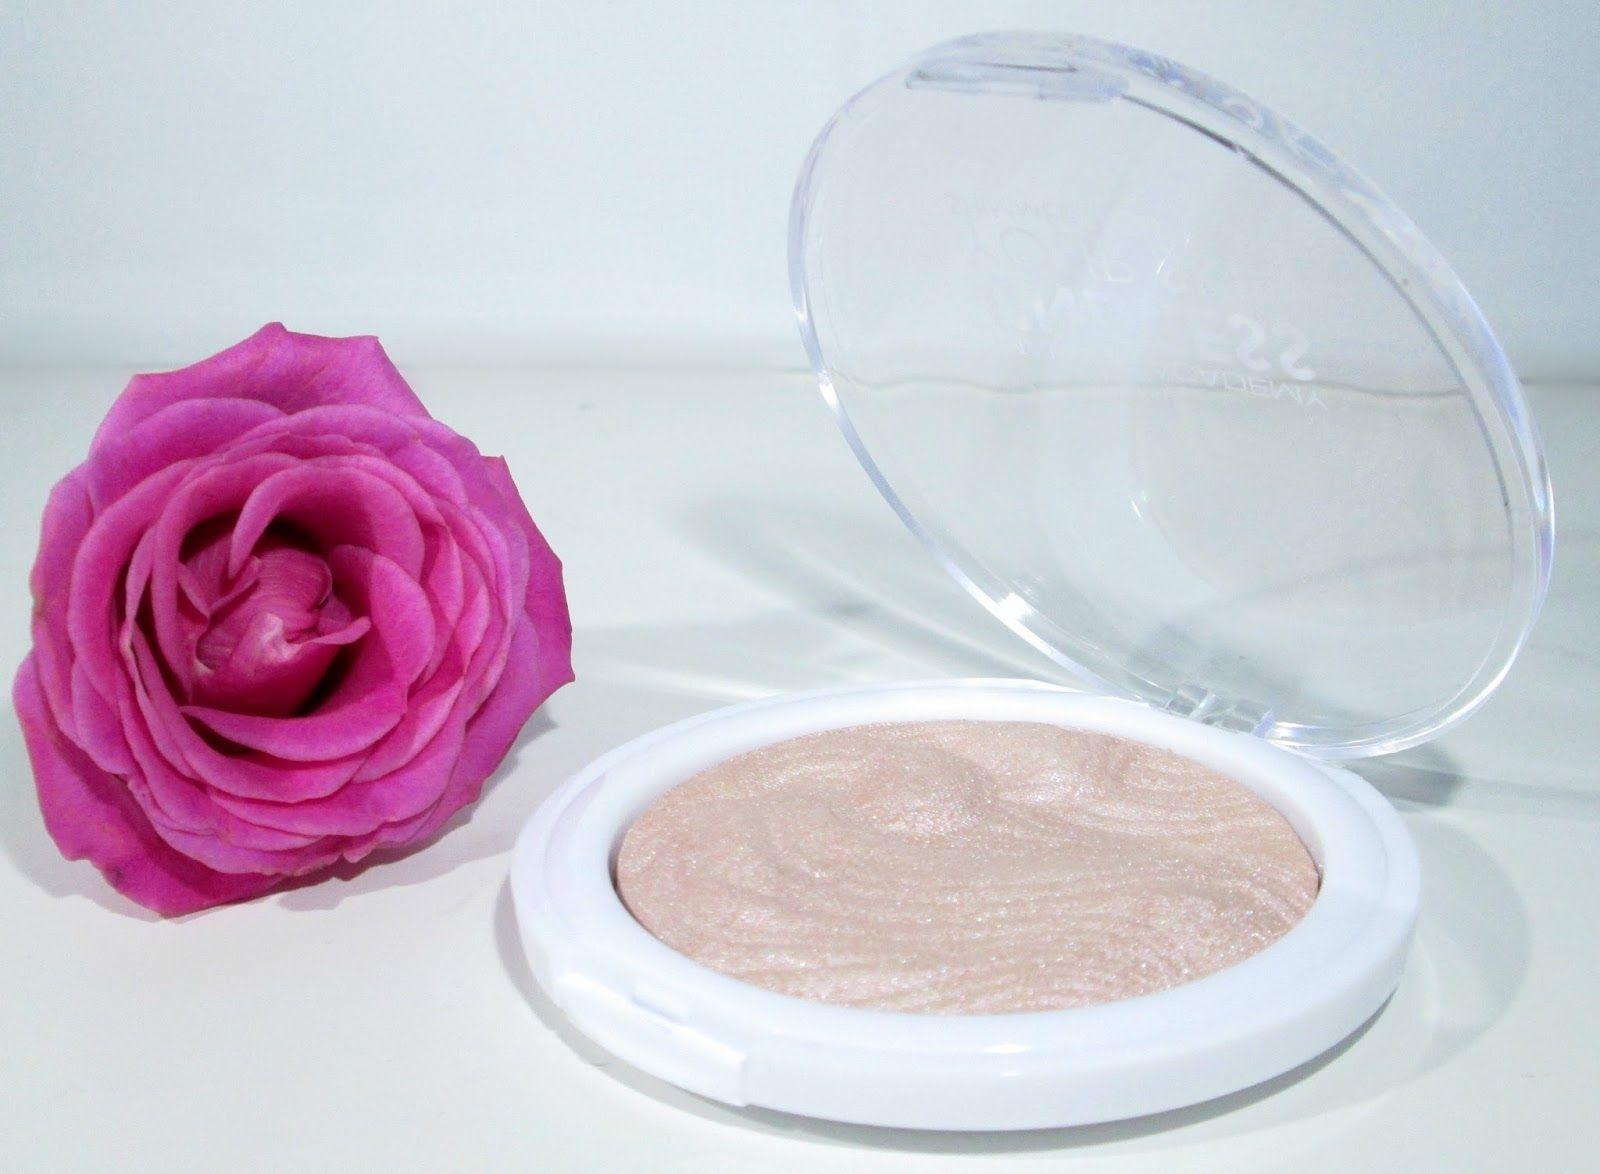 MUA Undress Your Skin Shimmer Highlighter My makeup